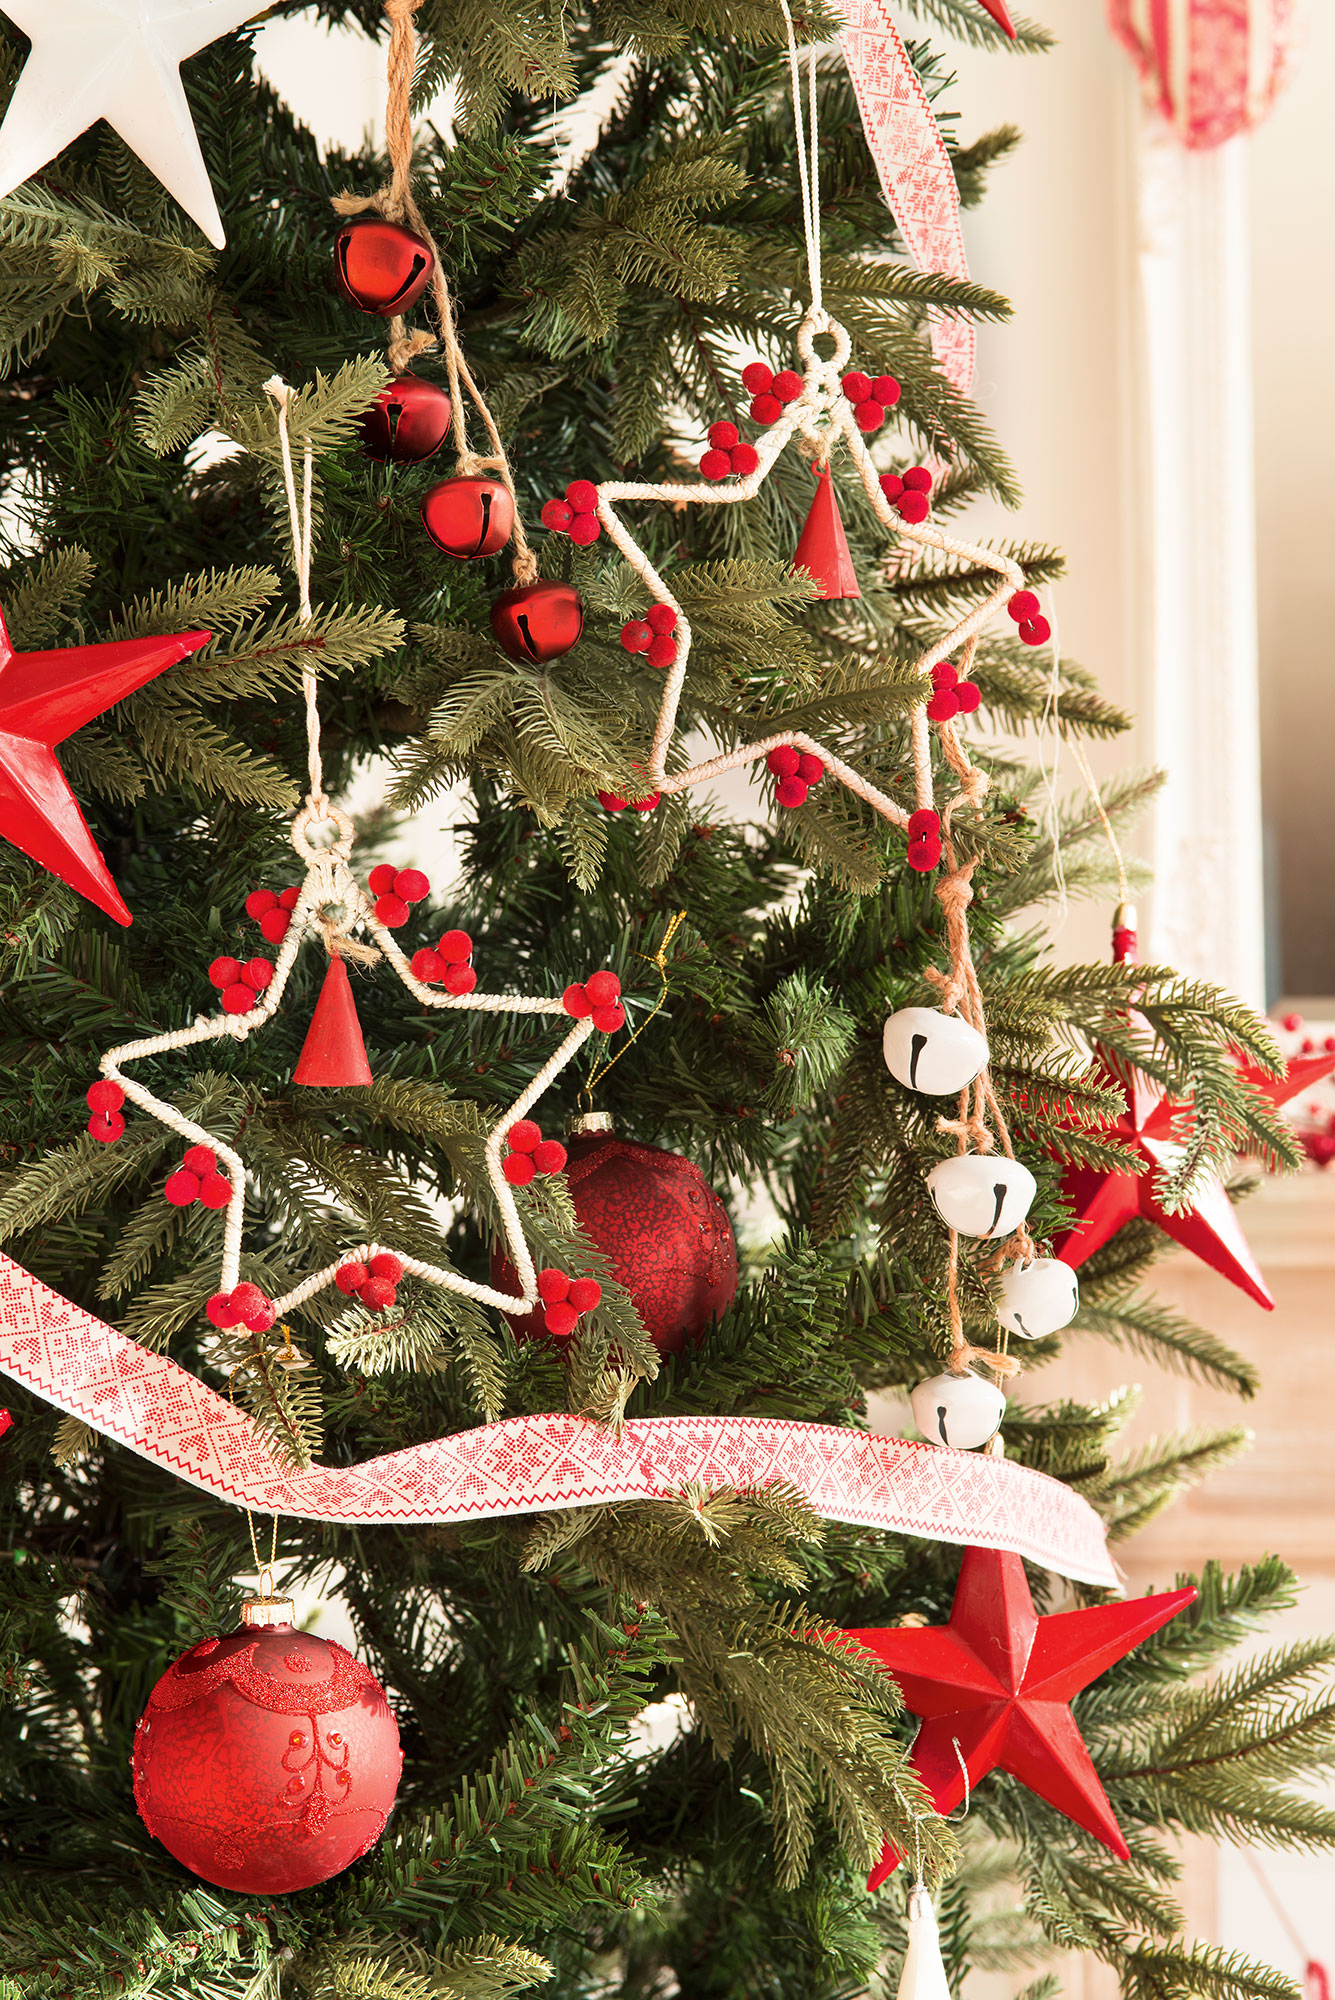 Decorar El Arbol Con Cintas.Ideas Para Decorar El Arbol De Navidad 3 Arboles 3 Estilos